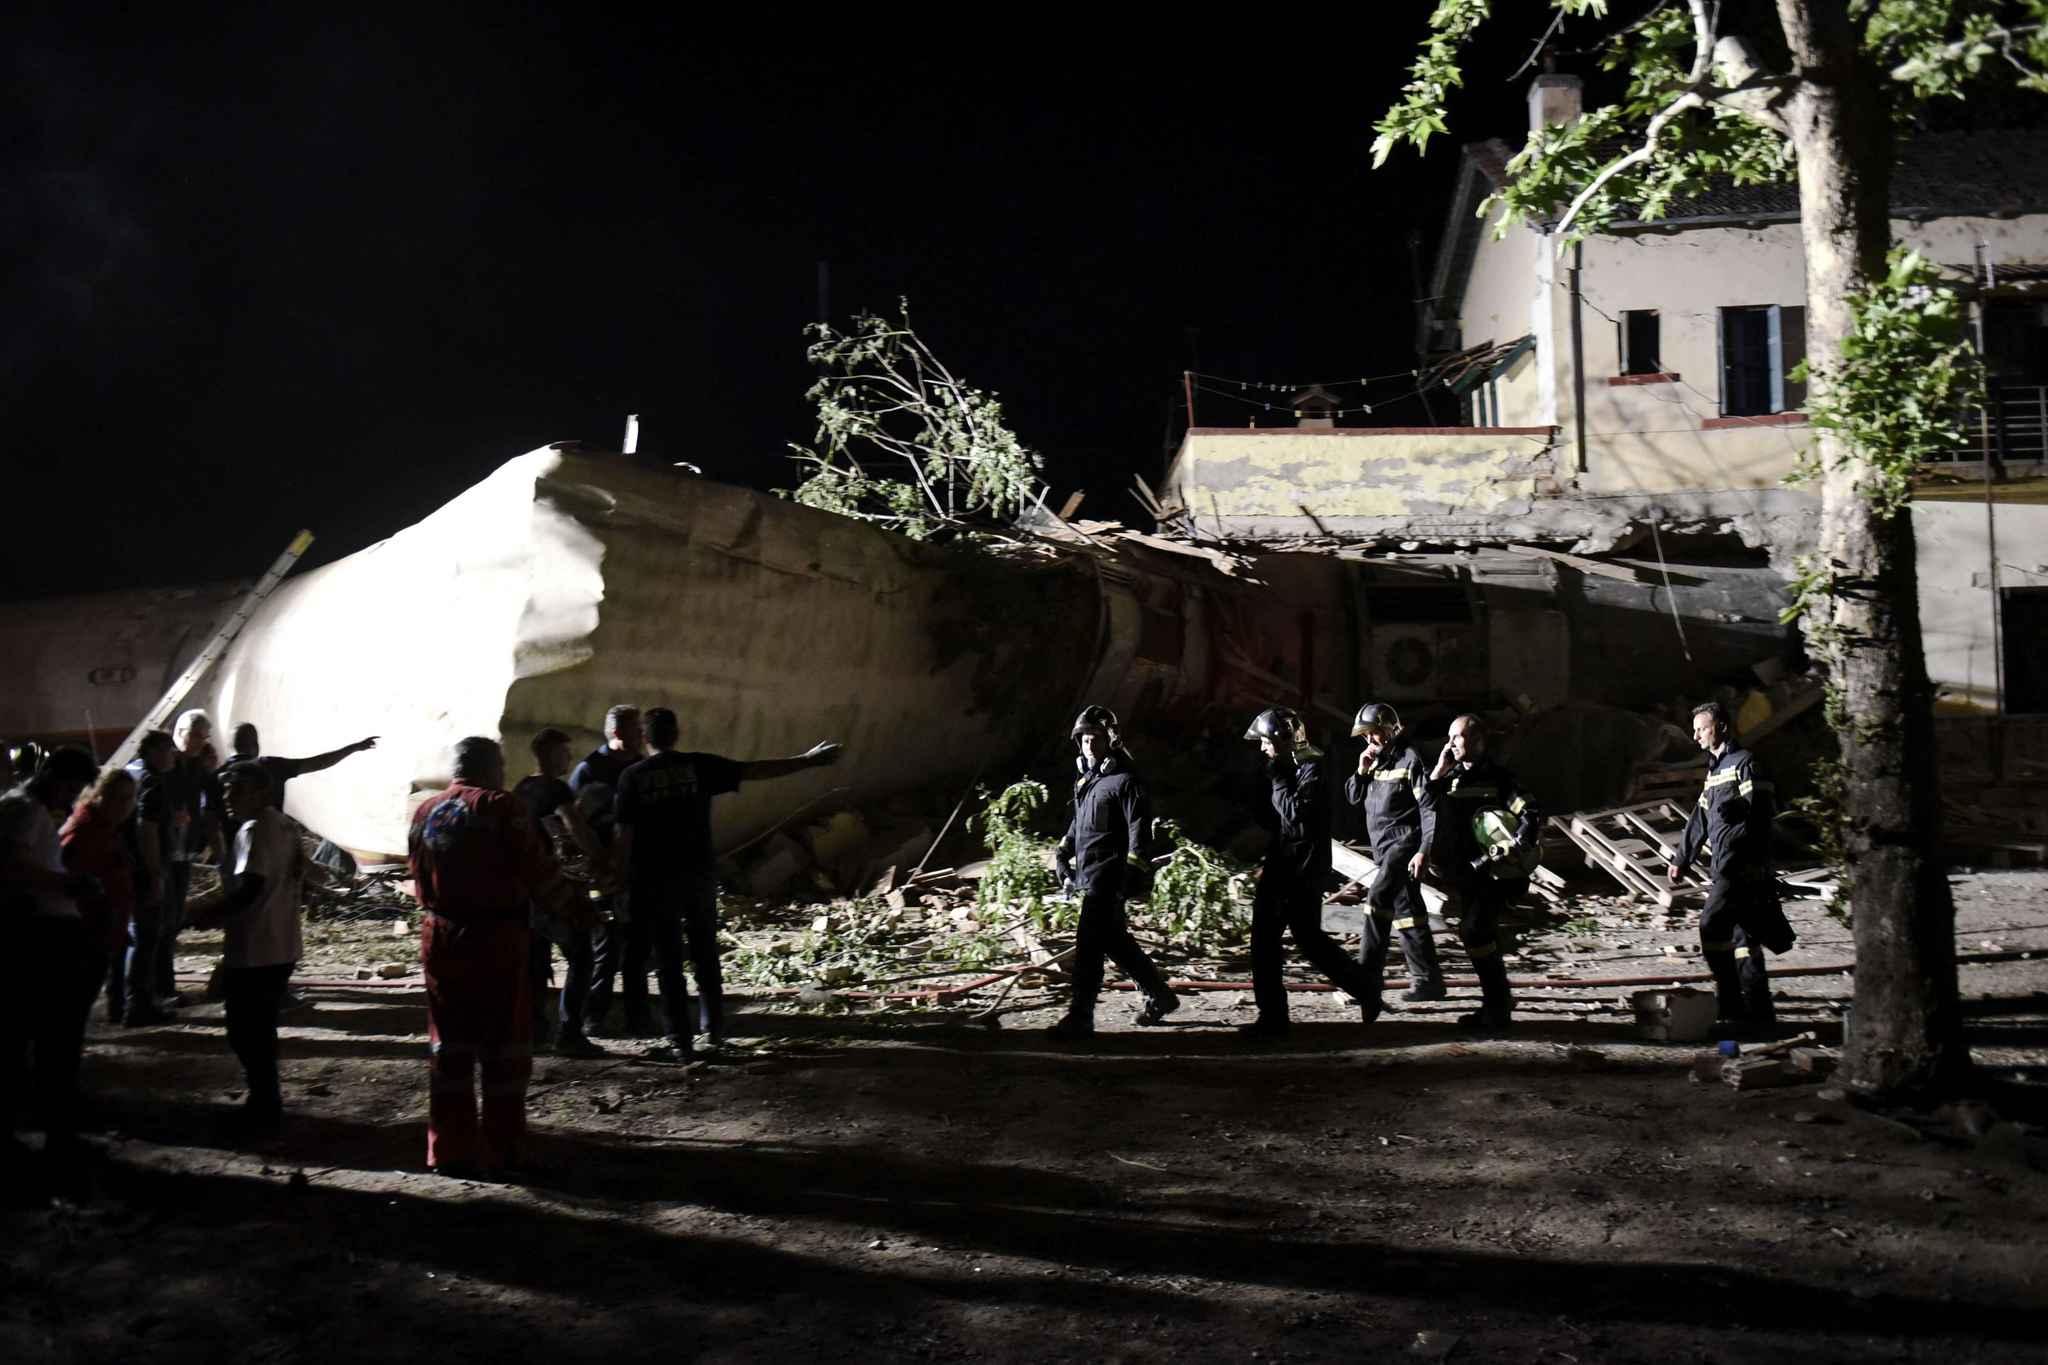 Le bilan du déraillement d'un train établi à deux morts — Grèce